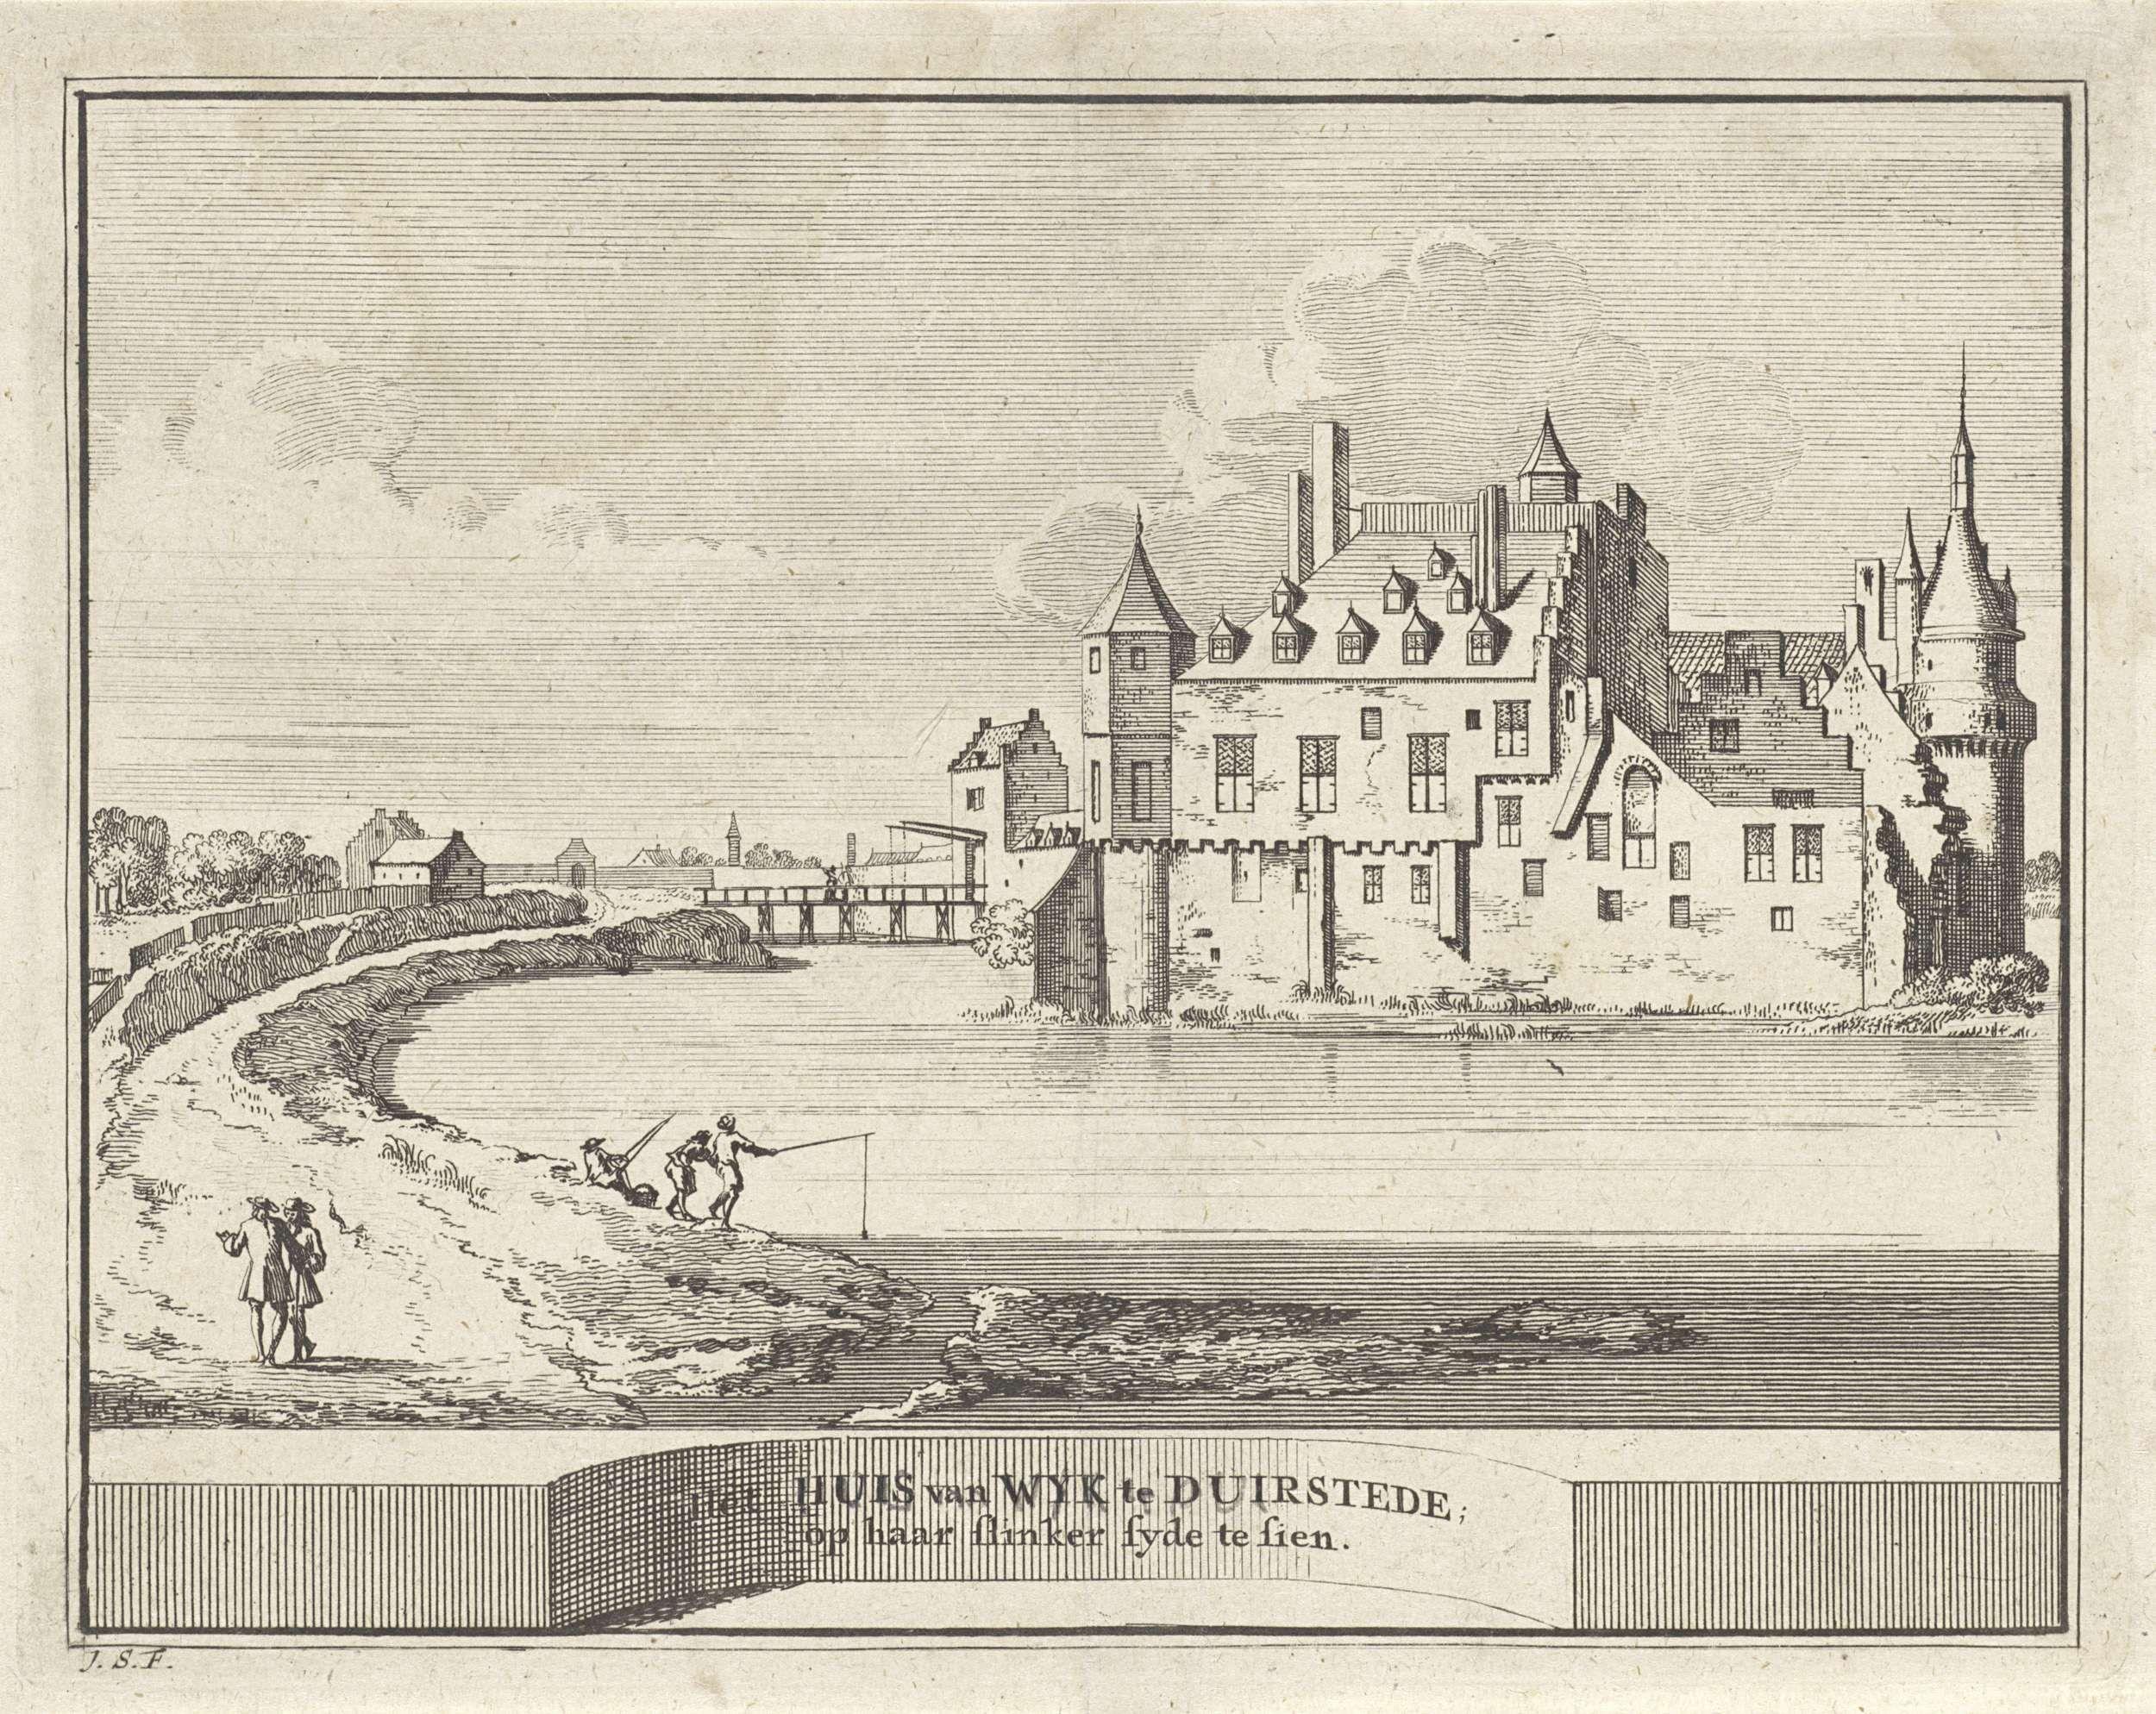 Jacobus Schijnvoet | Gezicht op kasteel Duurstede te Wijk bij Duurstede, Jacobus Schijnvoet, Roelant Roghman, Pieter de Coup, 1711 - 1774 |